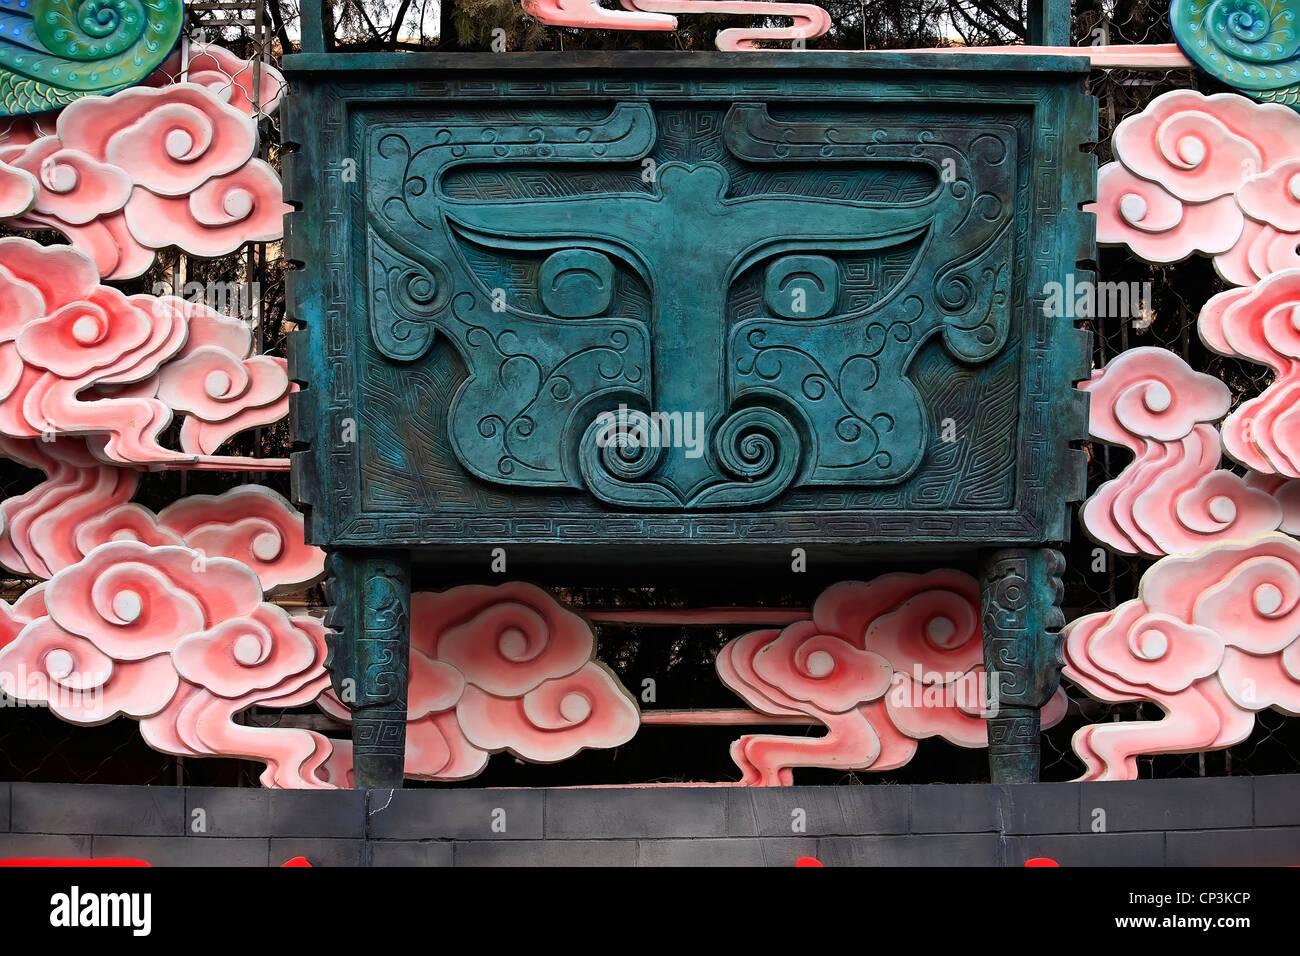 Antica Decorazione di bue nuovo anno lunare cinese Parco Ditan, Pechino, Cina Immagini Stock